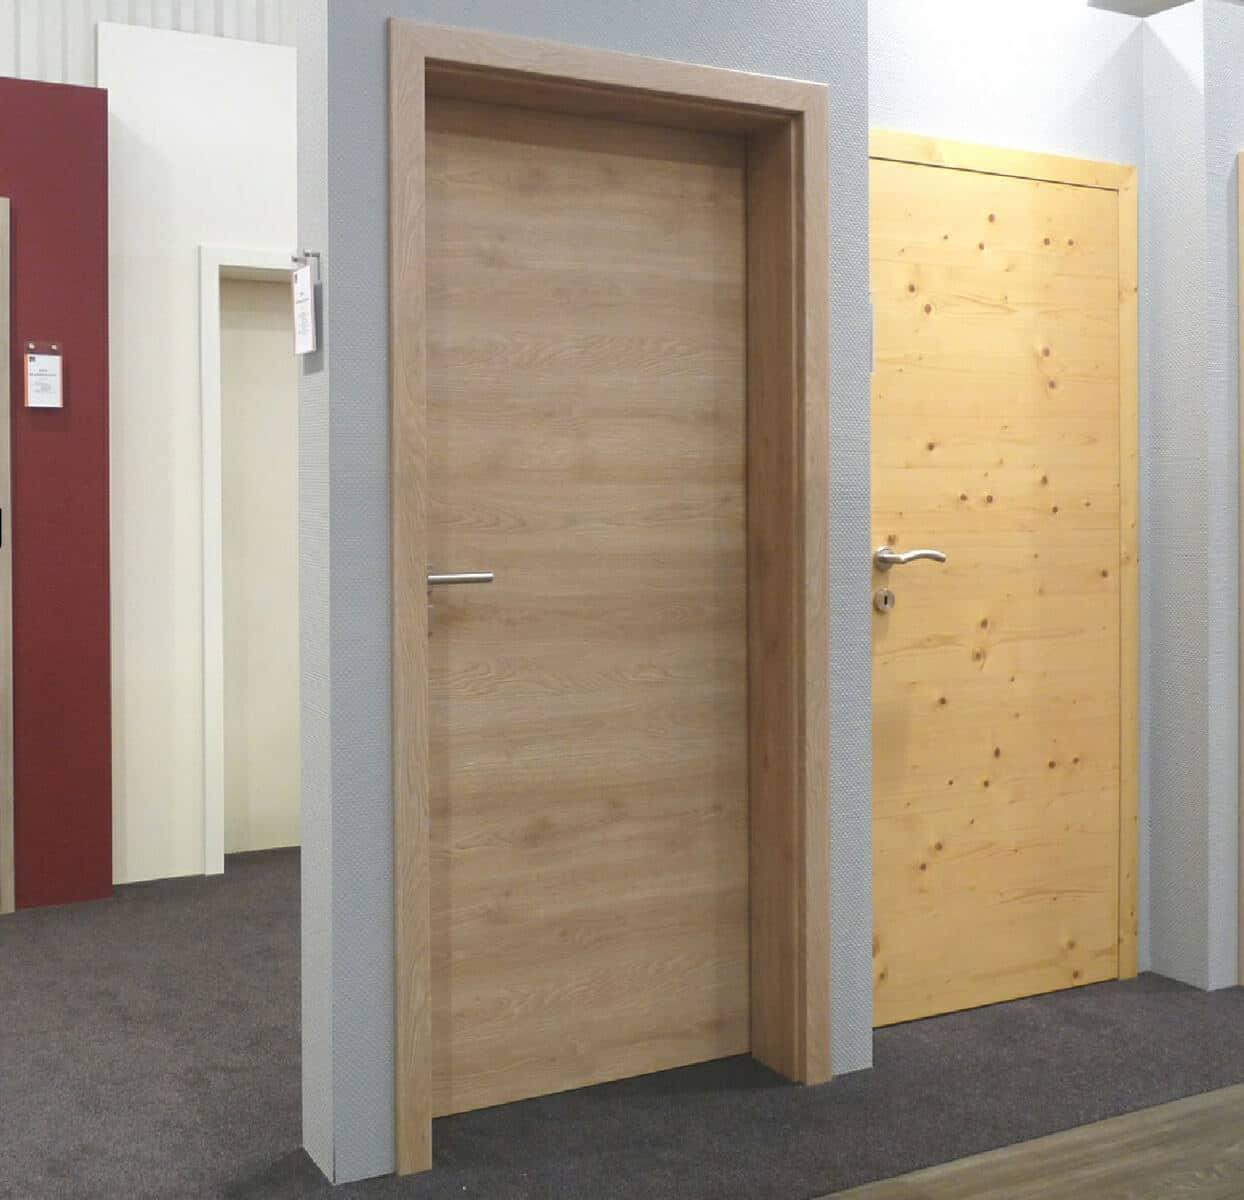 News - Türelement-Terrra-Eiche-Ausstellung-1